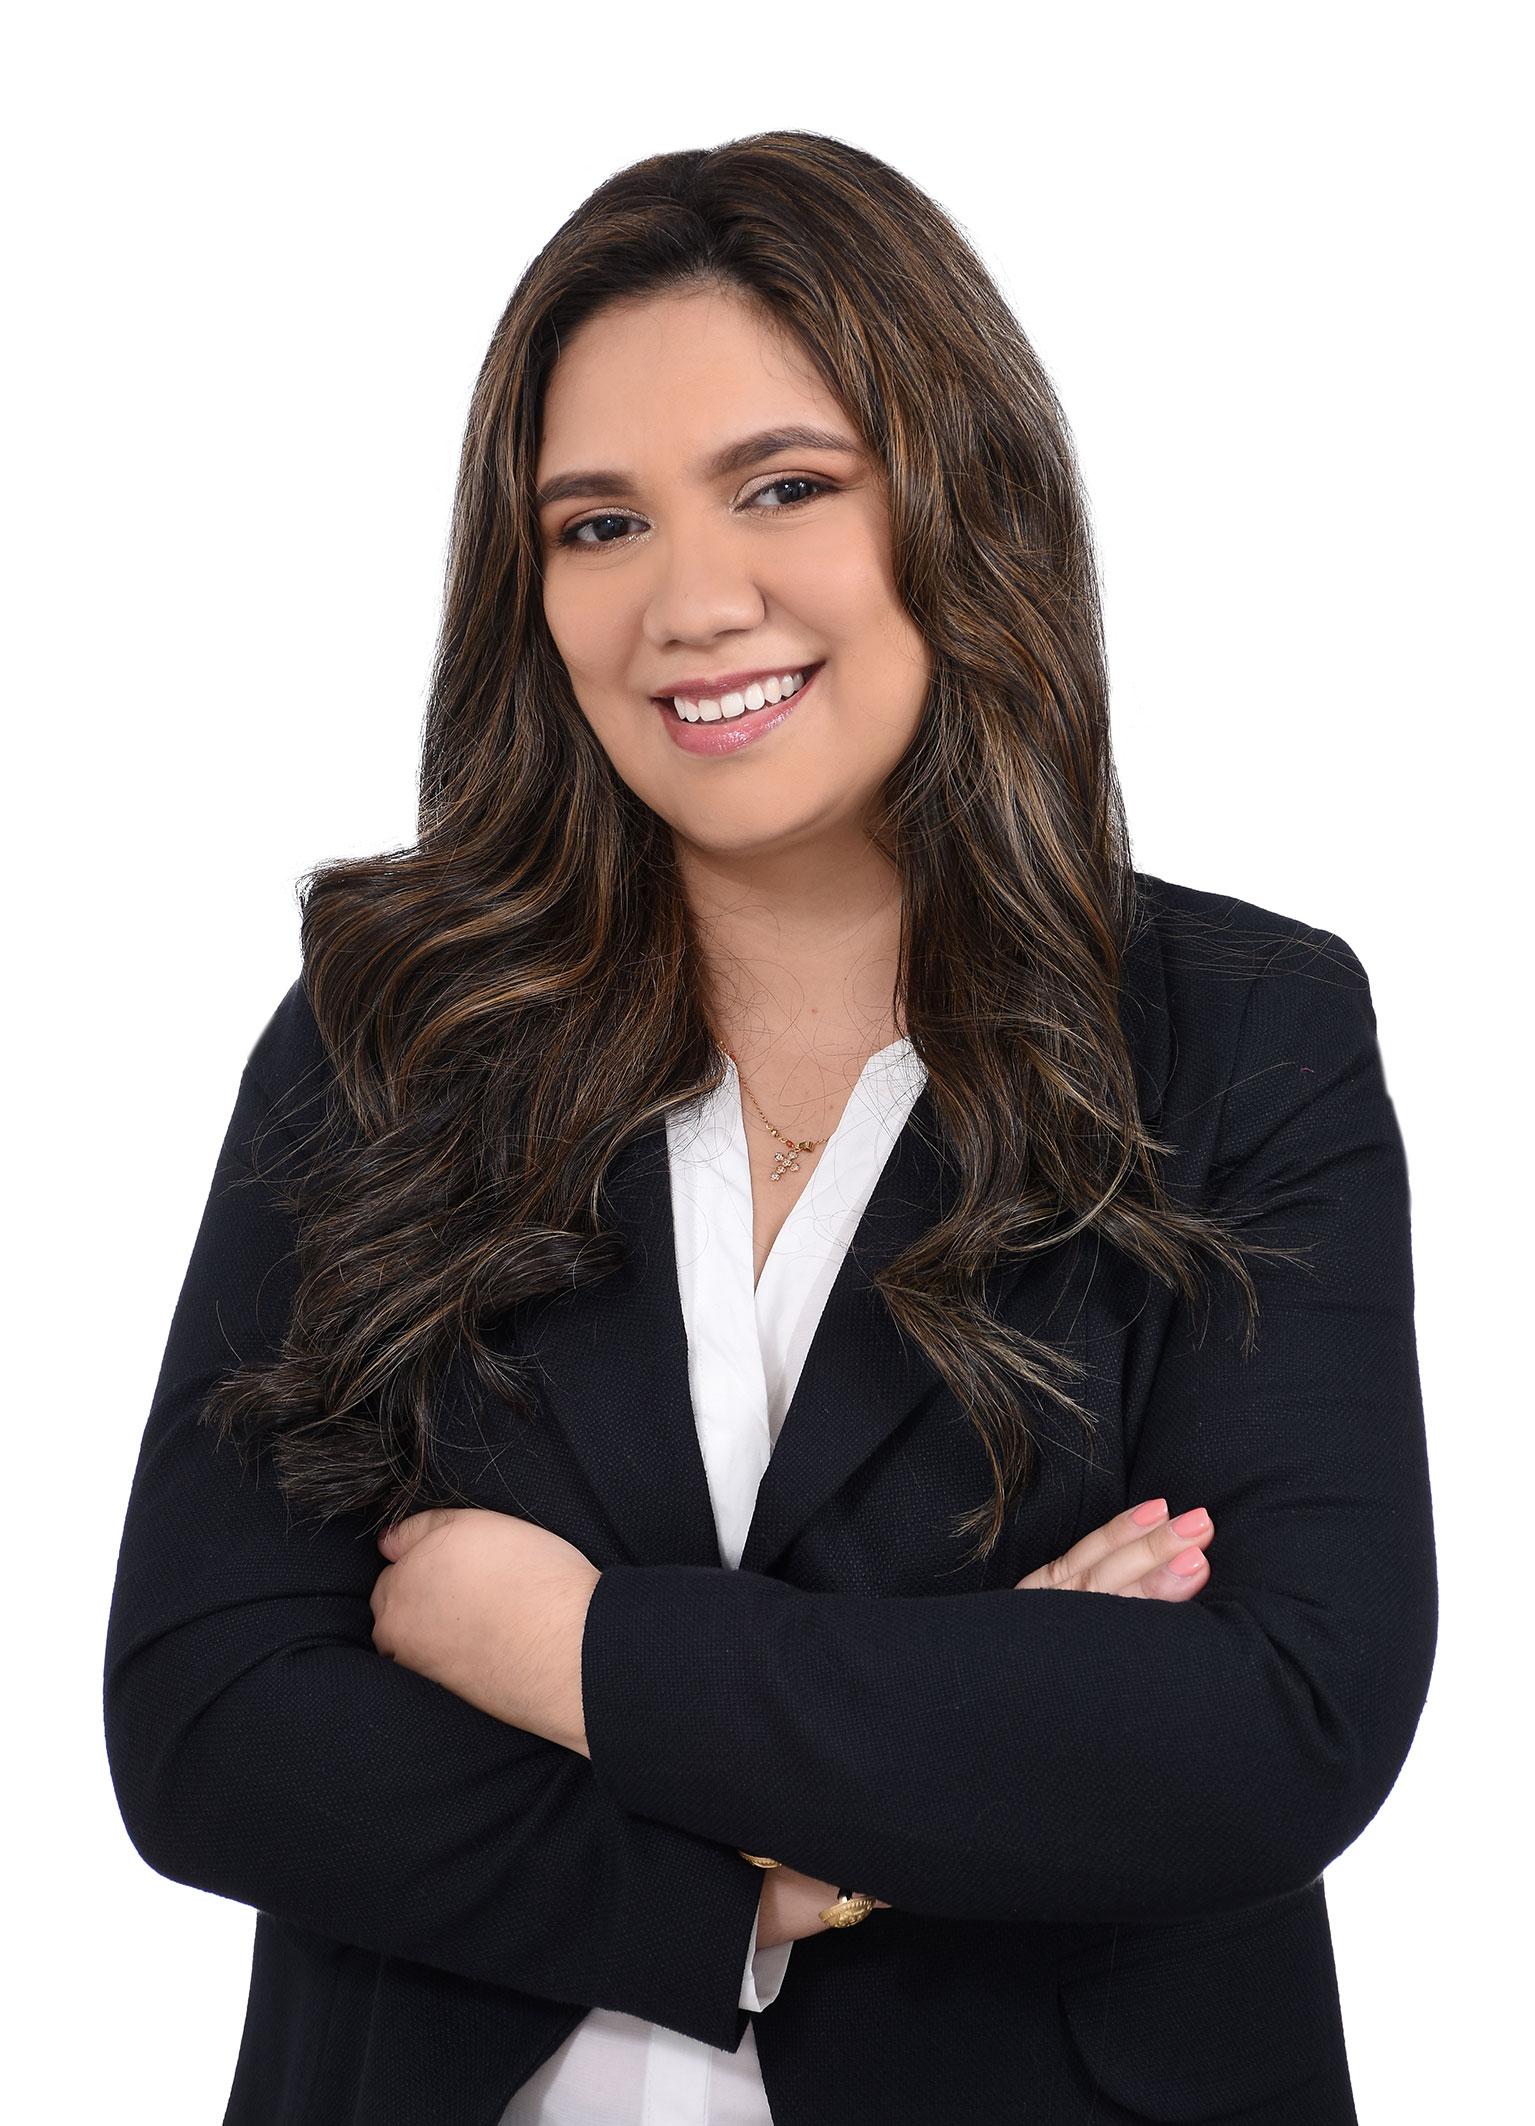 Monica Andrea Ocampo Cardona